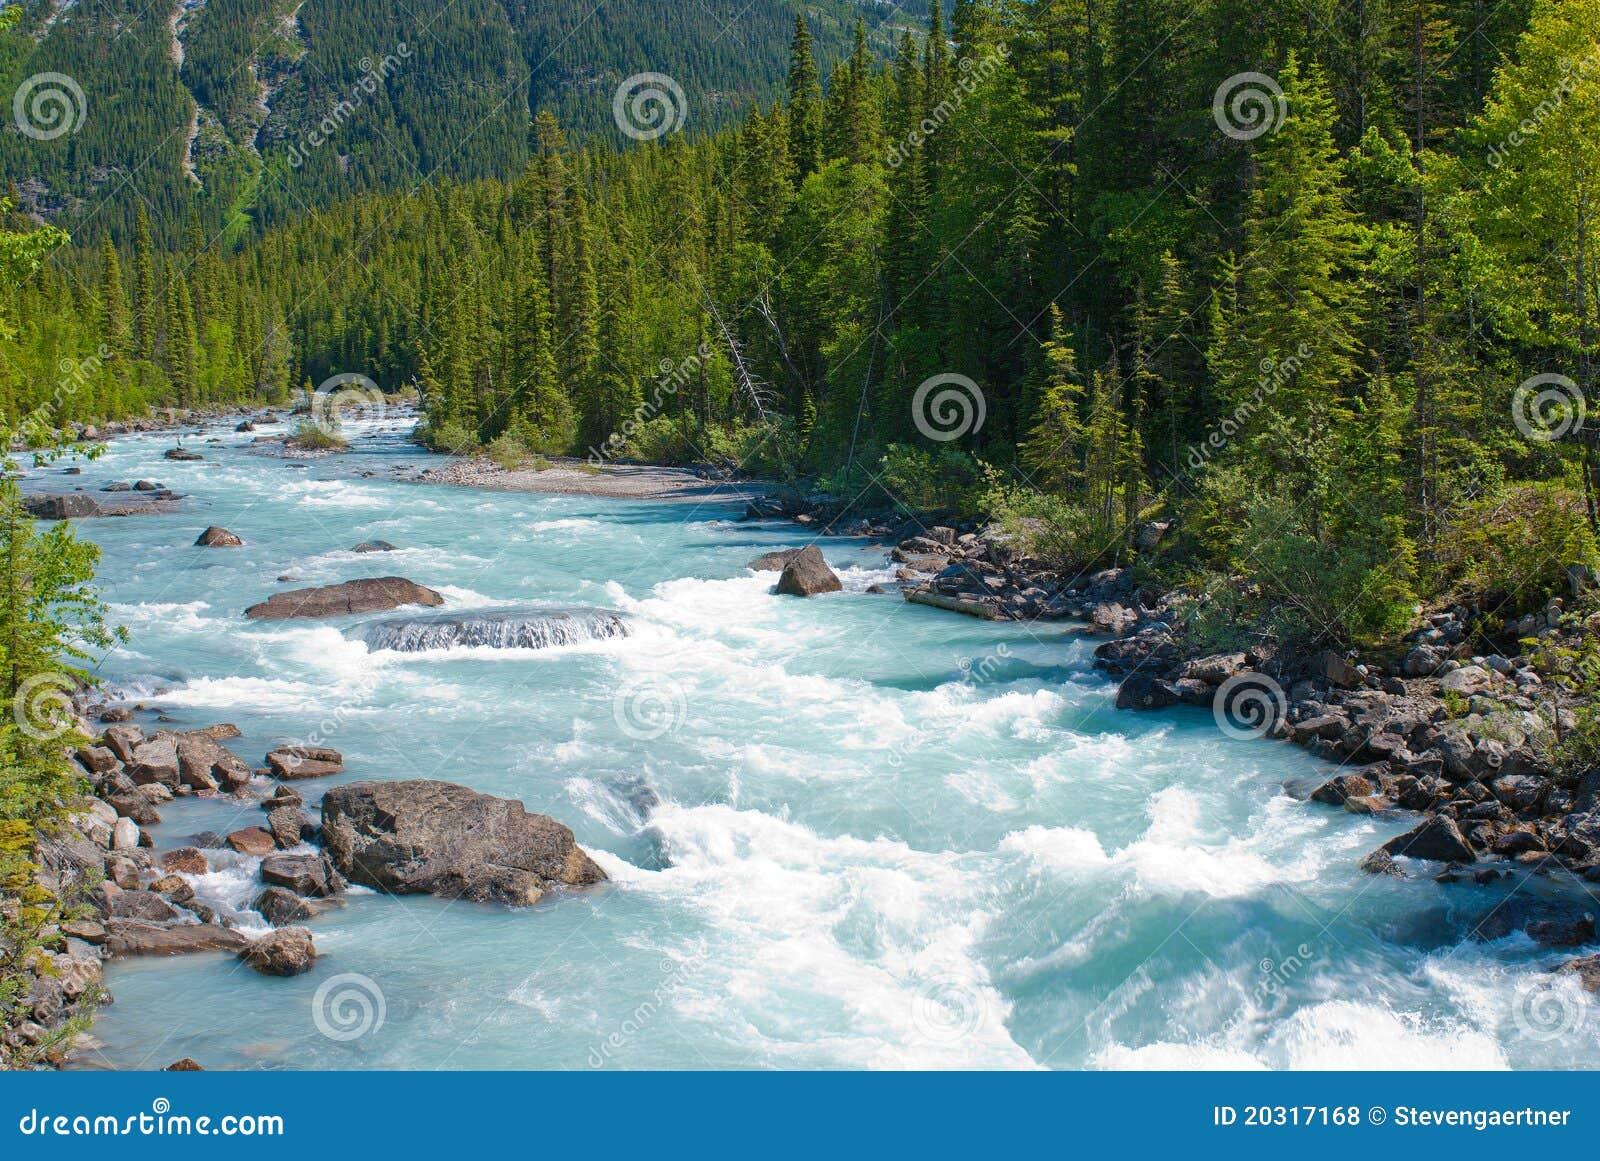 лошадь пиная реку